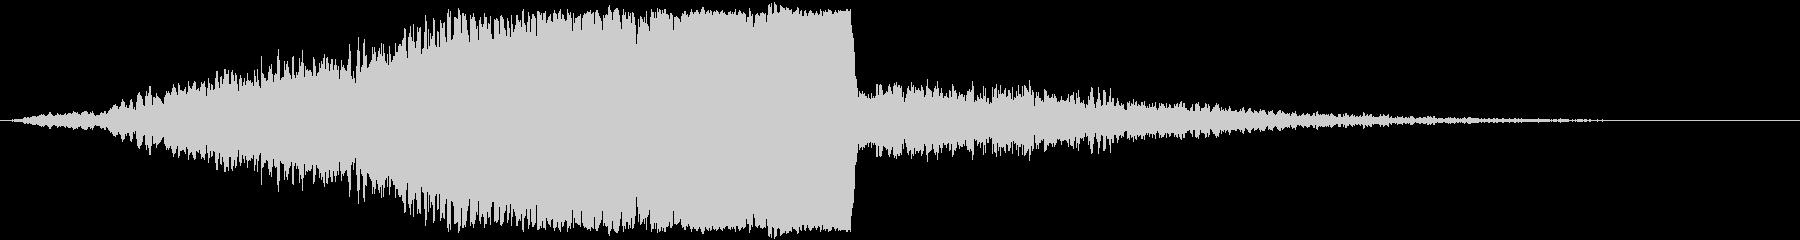 【タイトル】ダークシンセサウンド_10の未再生の波形